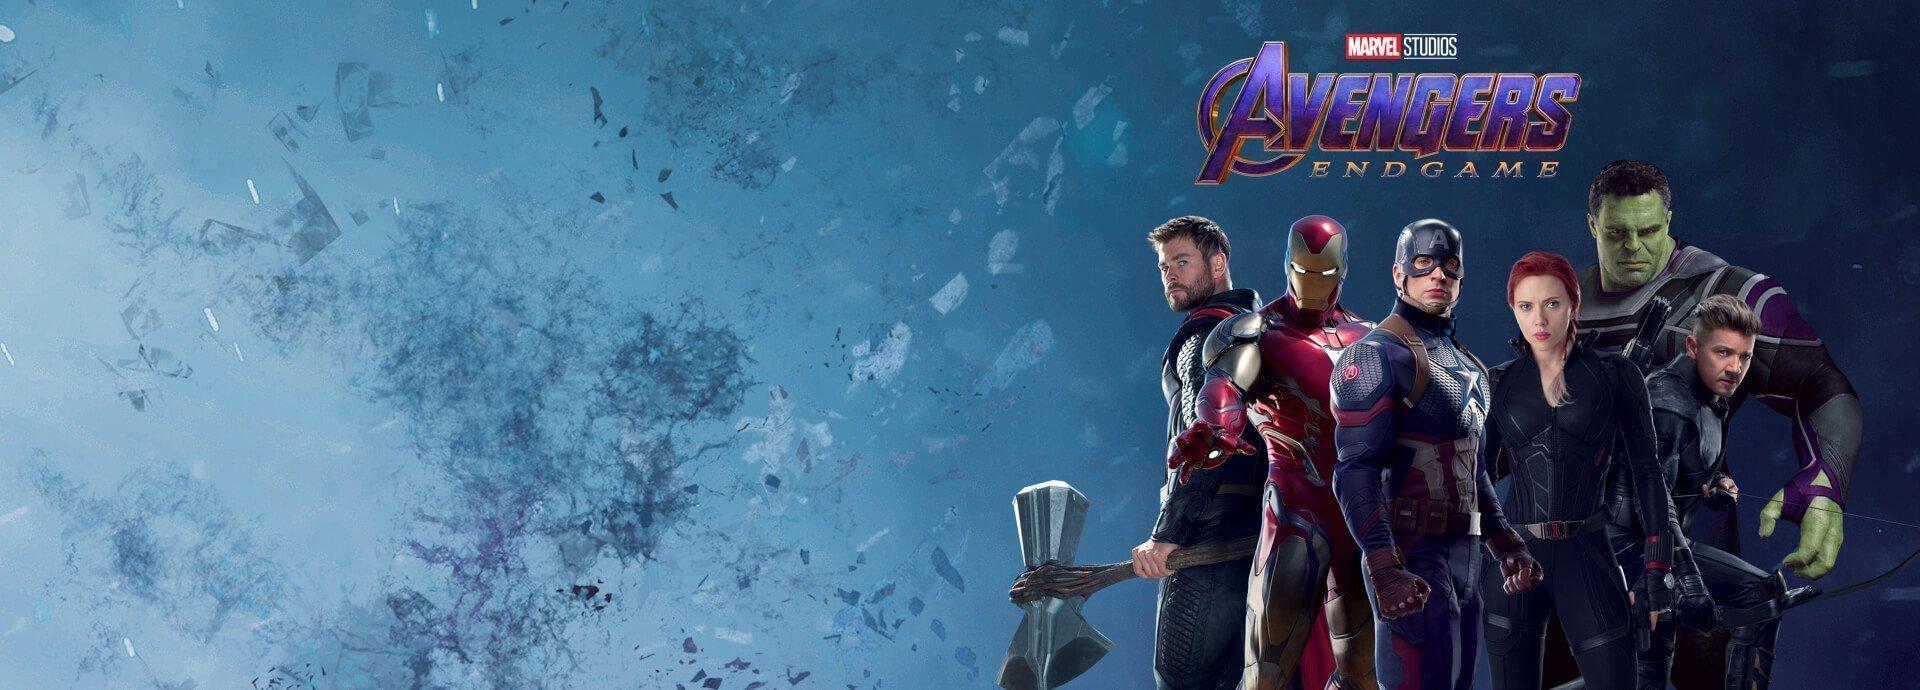 Deuxième image promotionnelle du film Avengers: Endgame présentant l'équipe composé des six Avengers d'origine